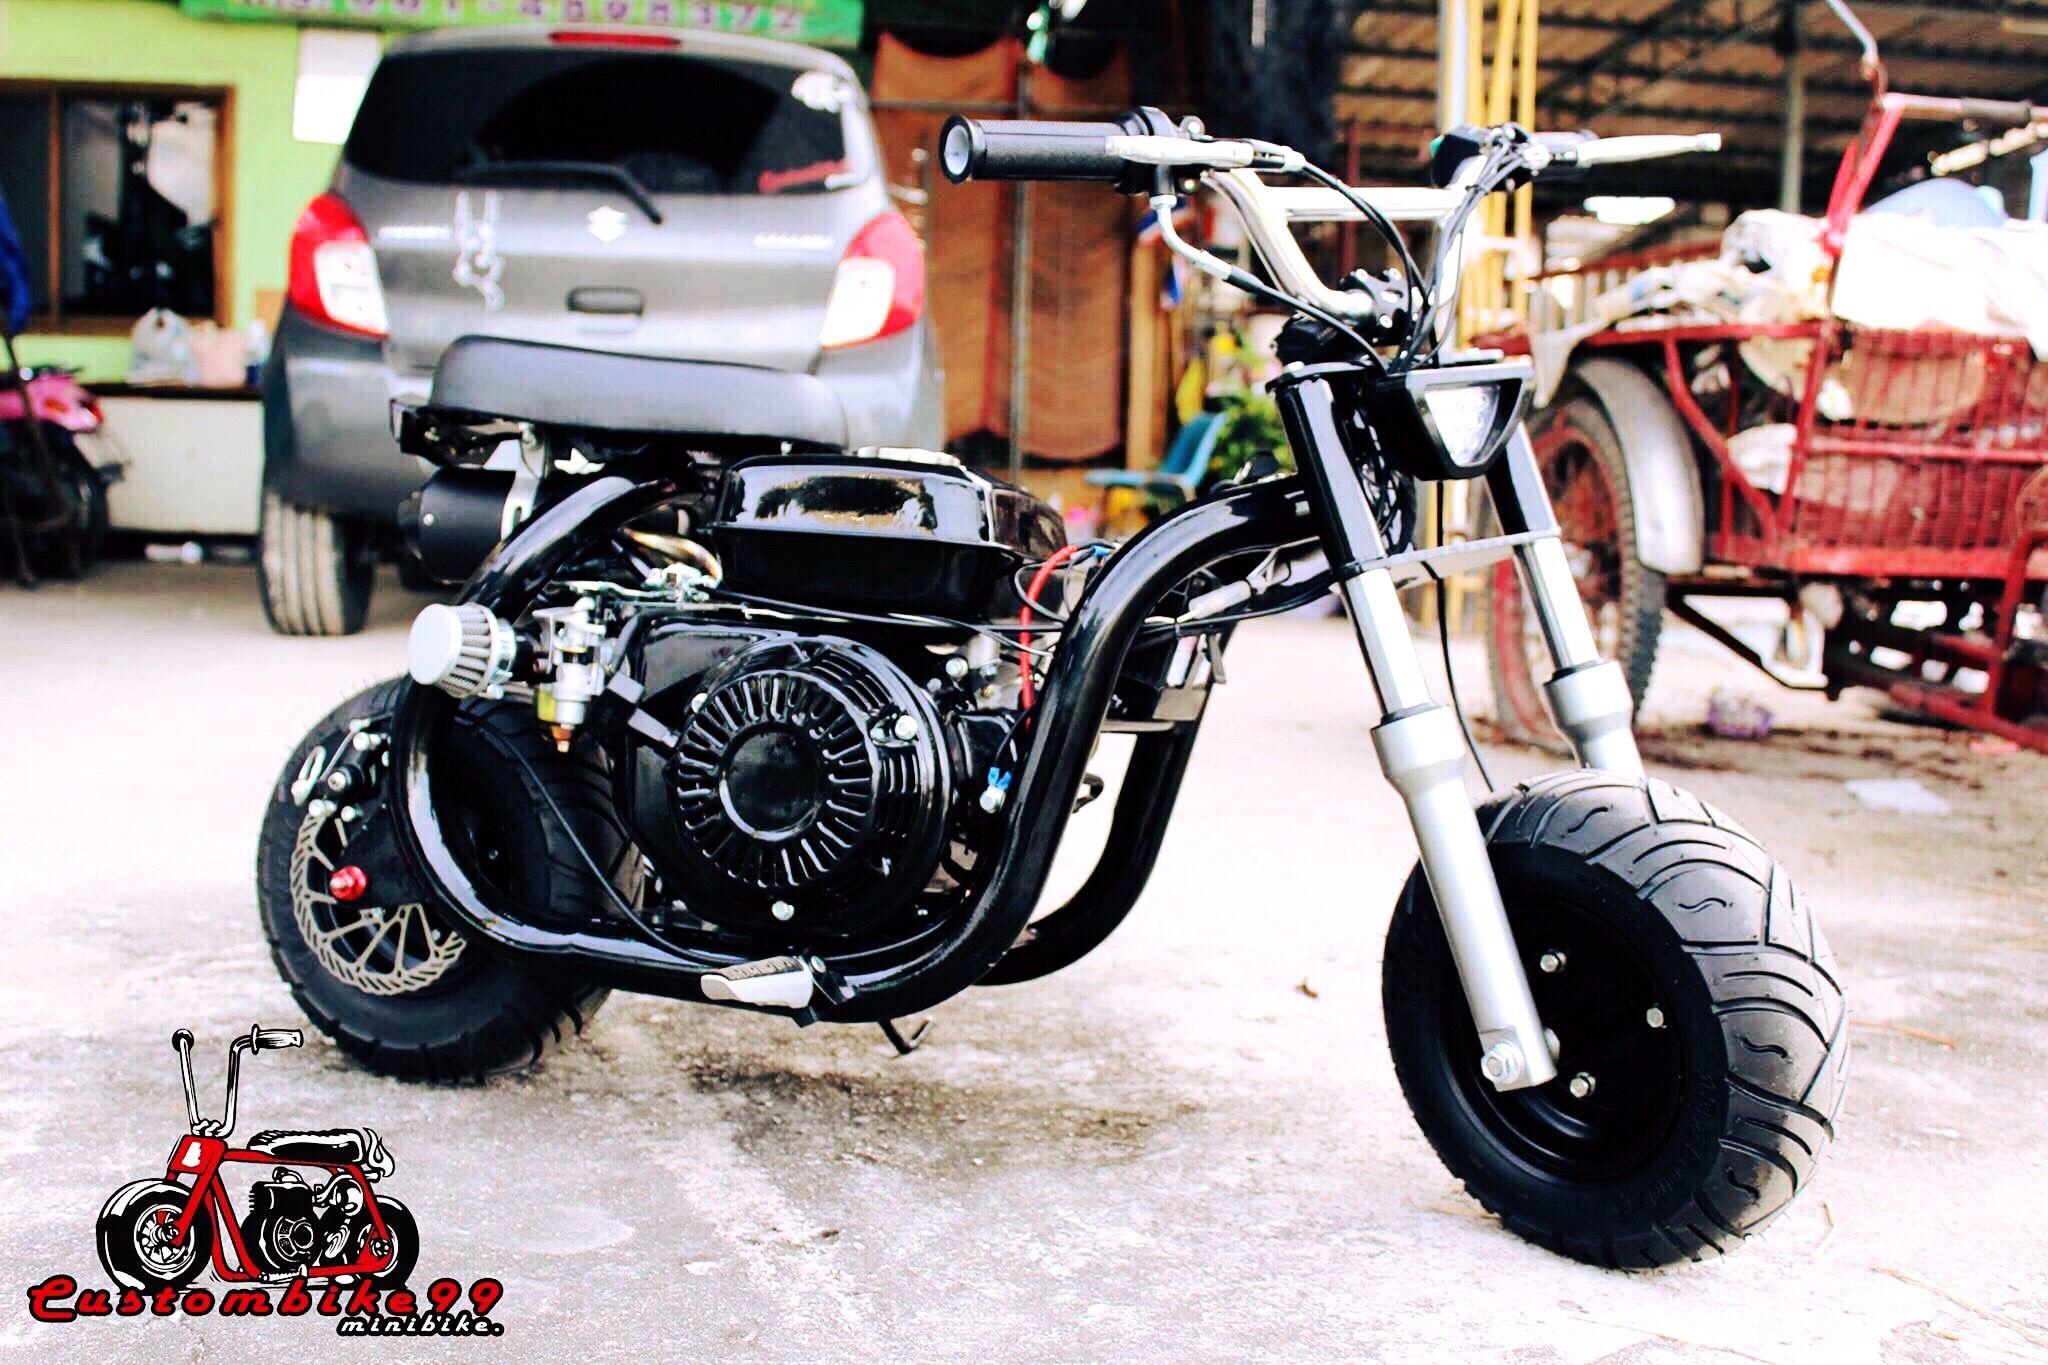 Pin By Holmez Marcus On Bike Mini Bike Custom Mini Bike Bmw